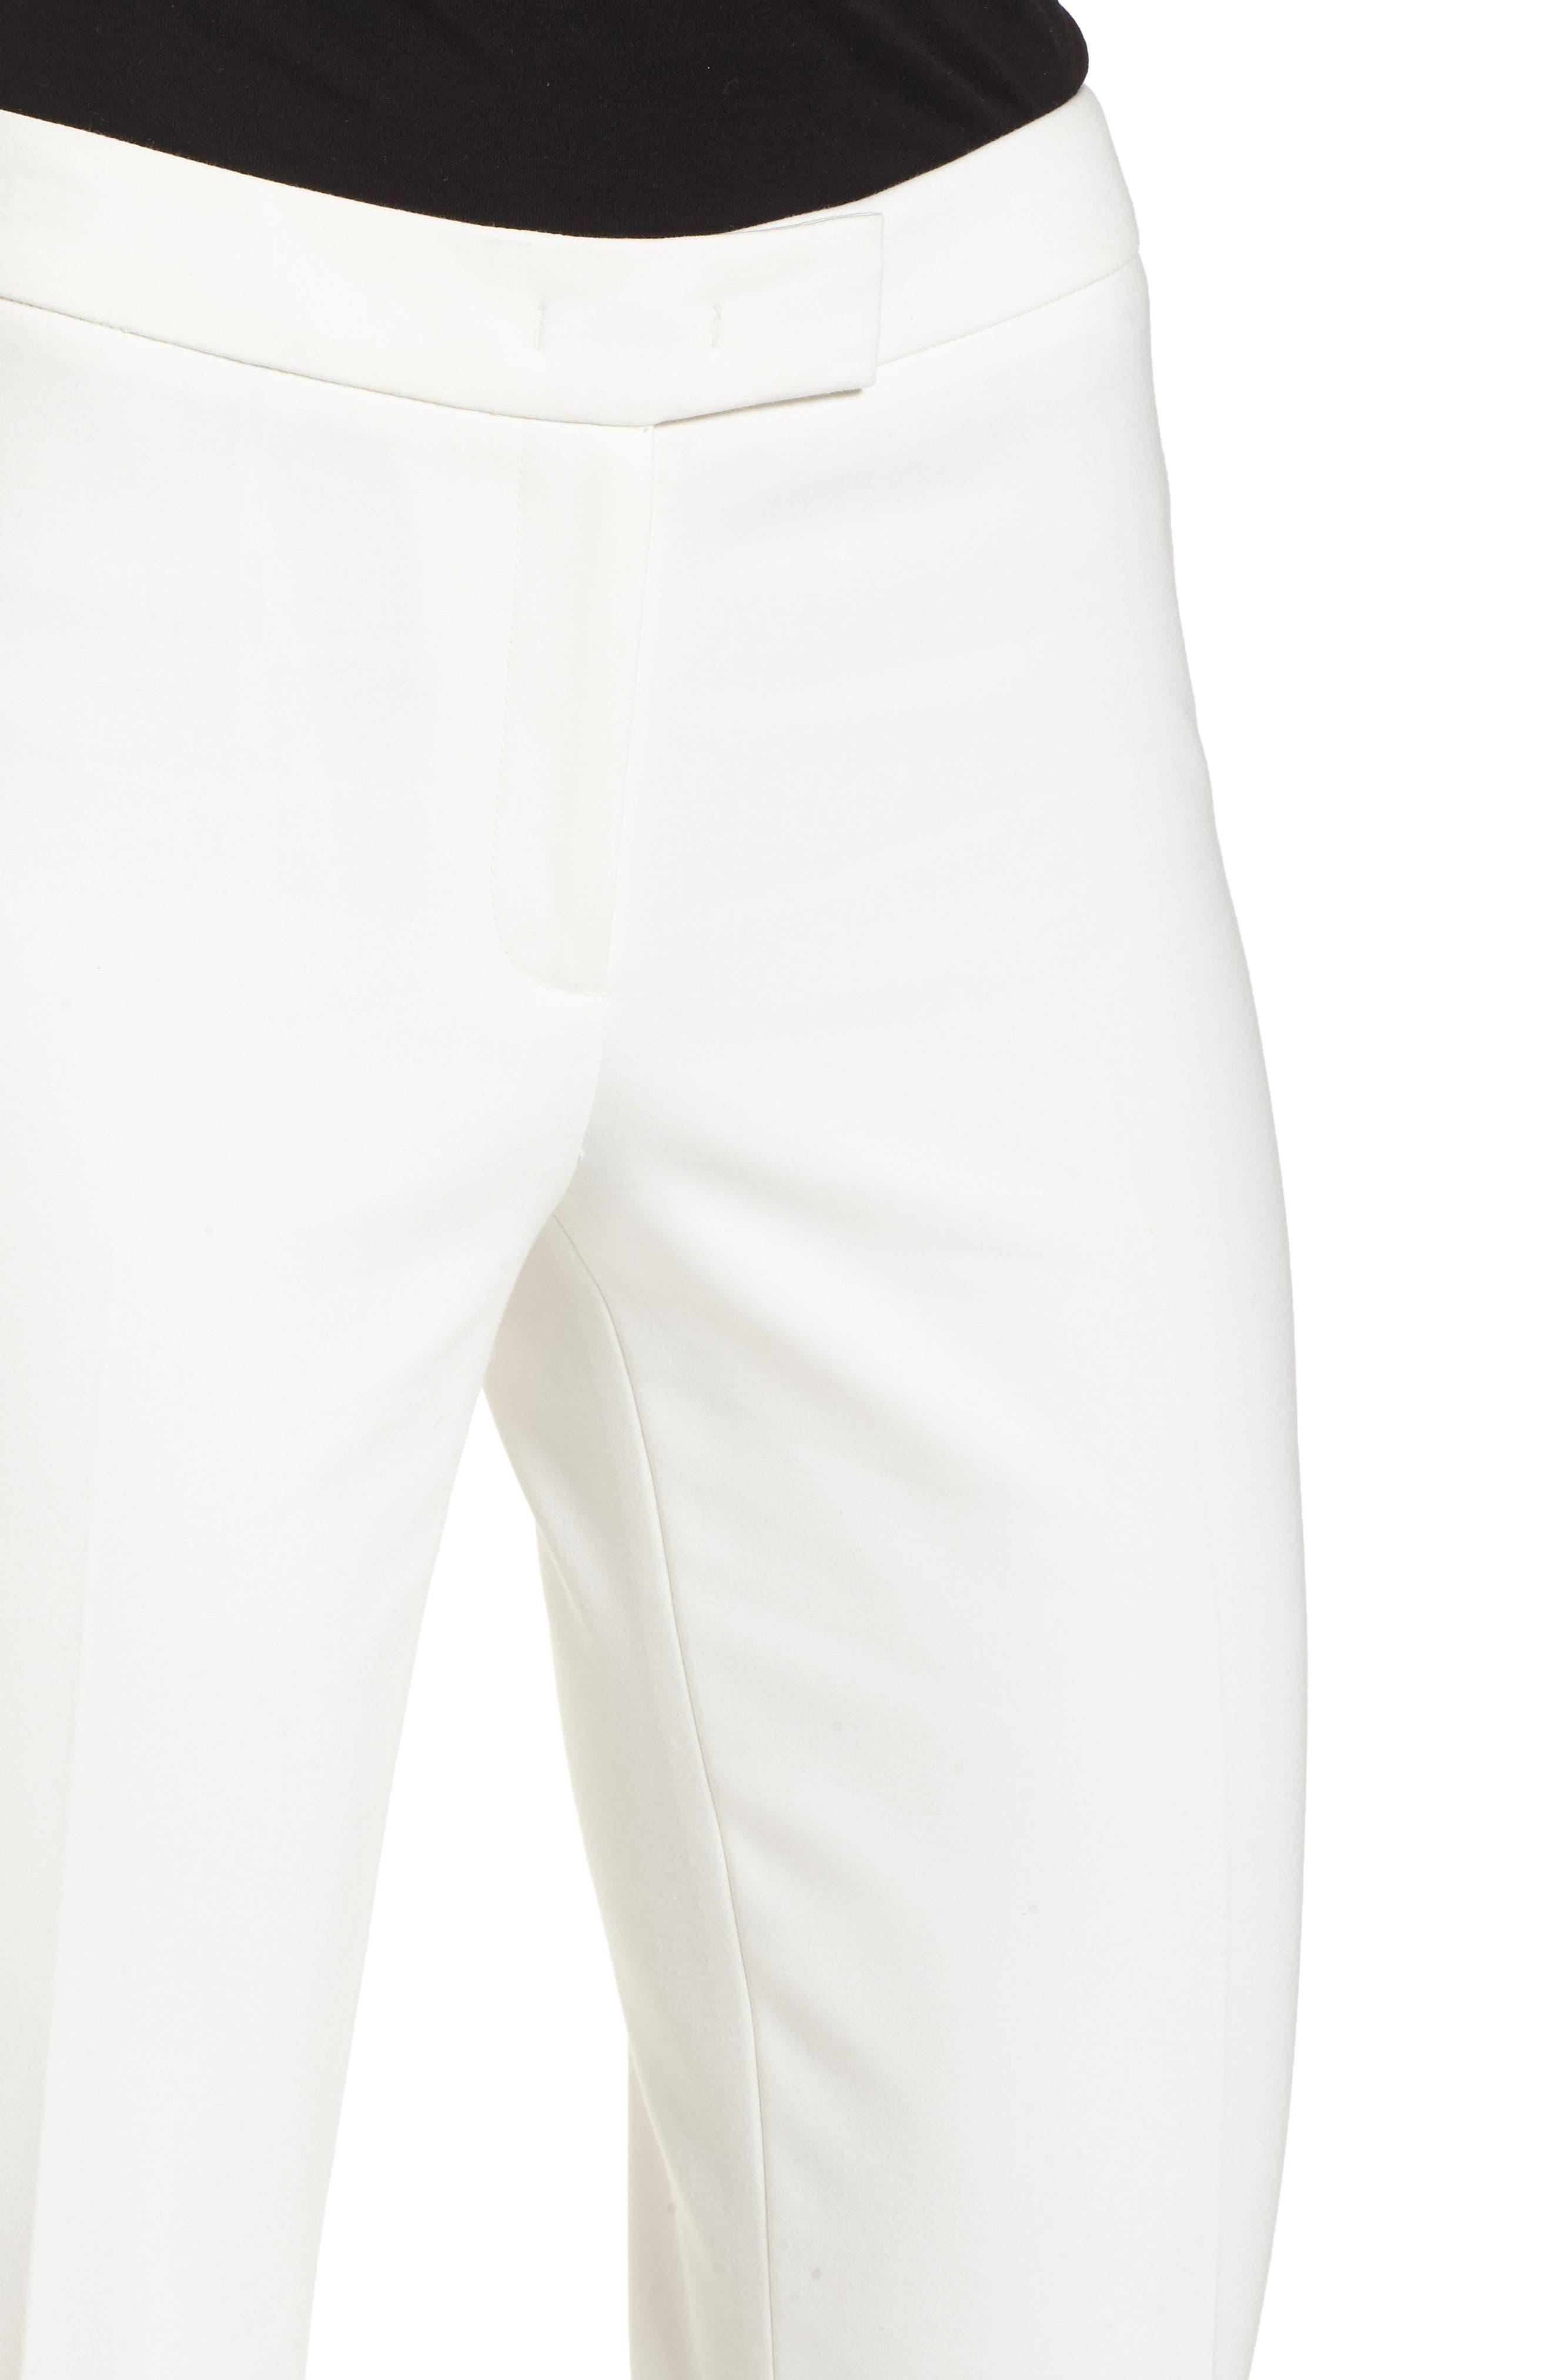 Bowie Cotton Blend Suit Pants,                             Alternate thumbnail 4, color,                             WHITE